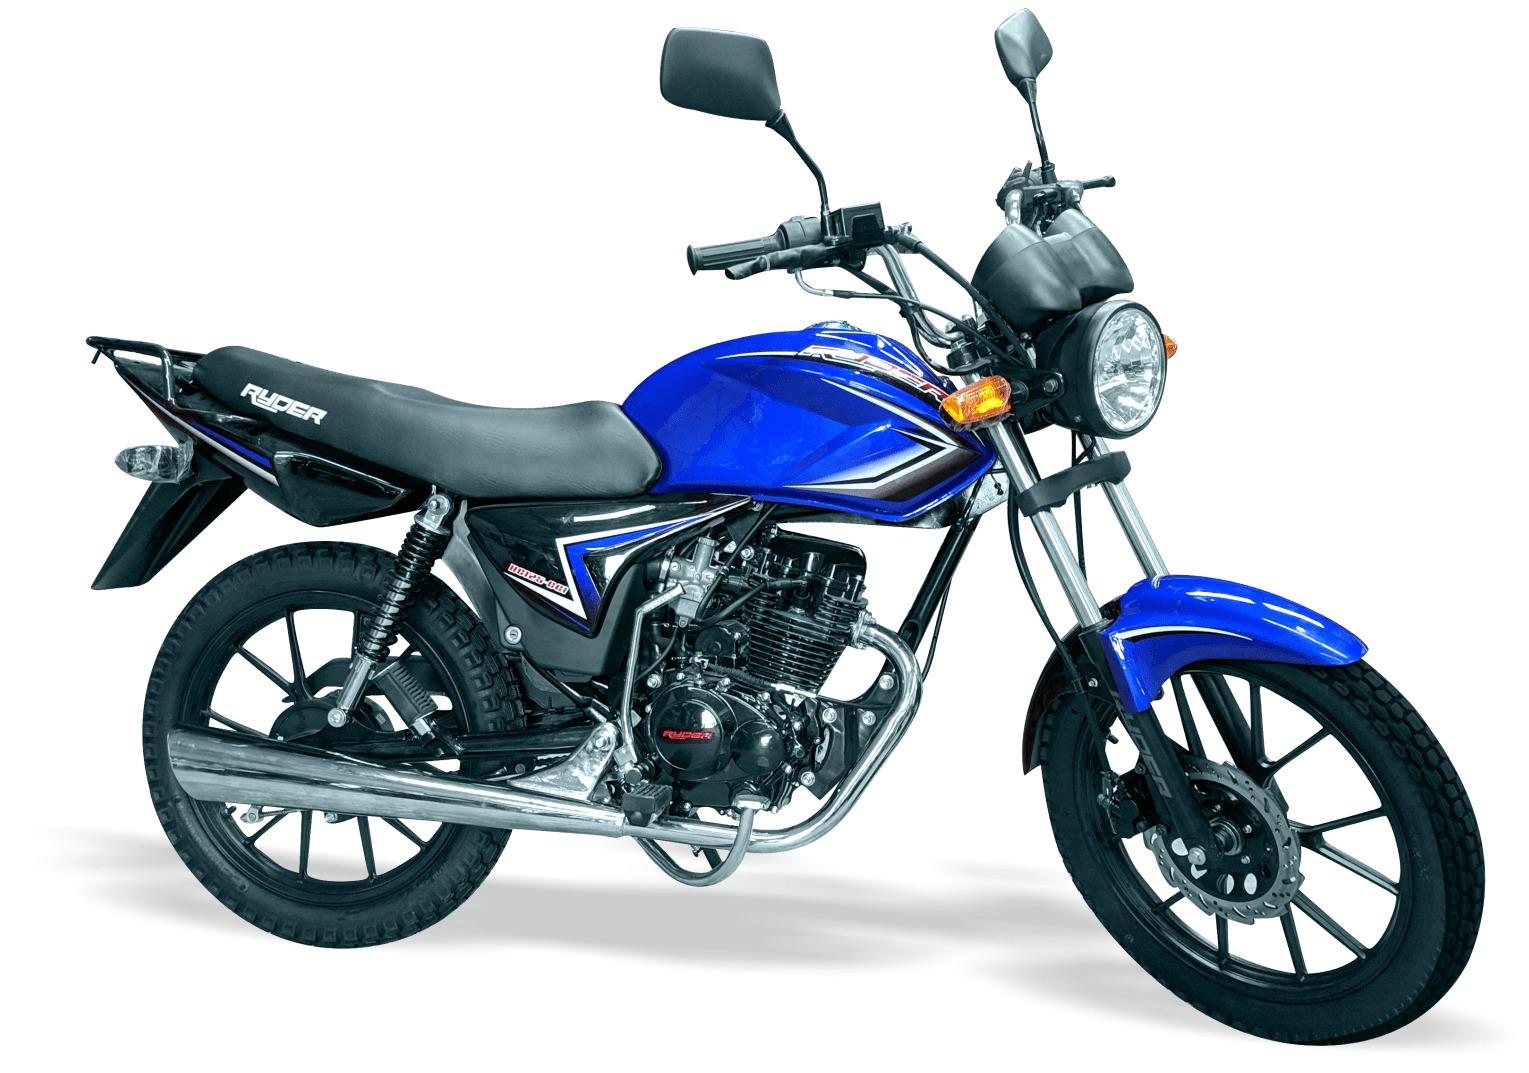 MOTO 125 RYDER HC125-CG1